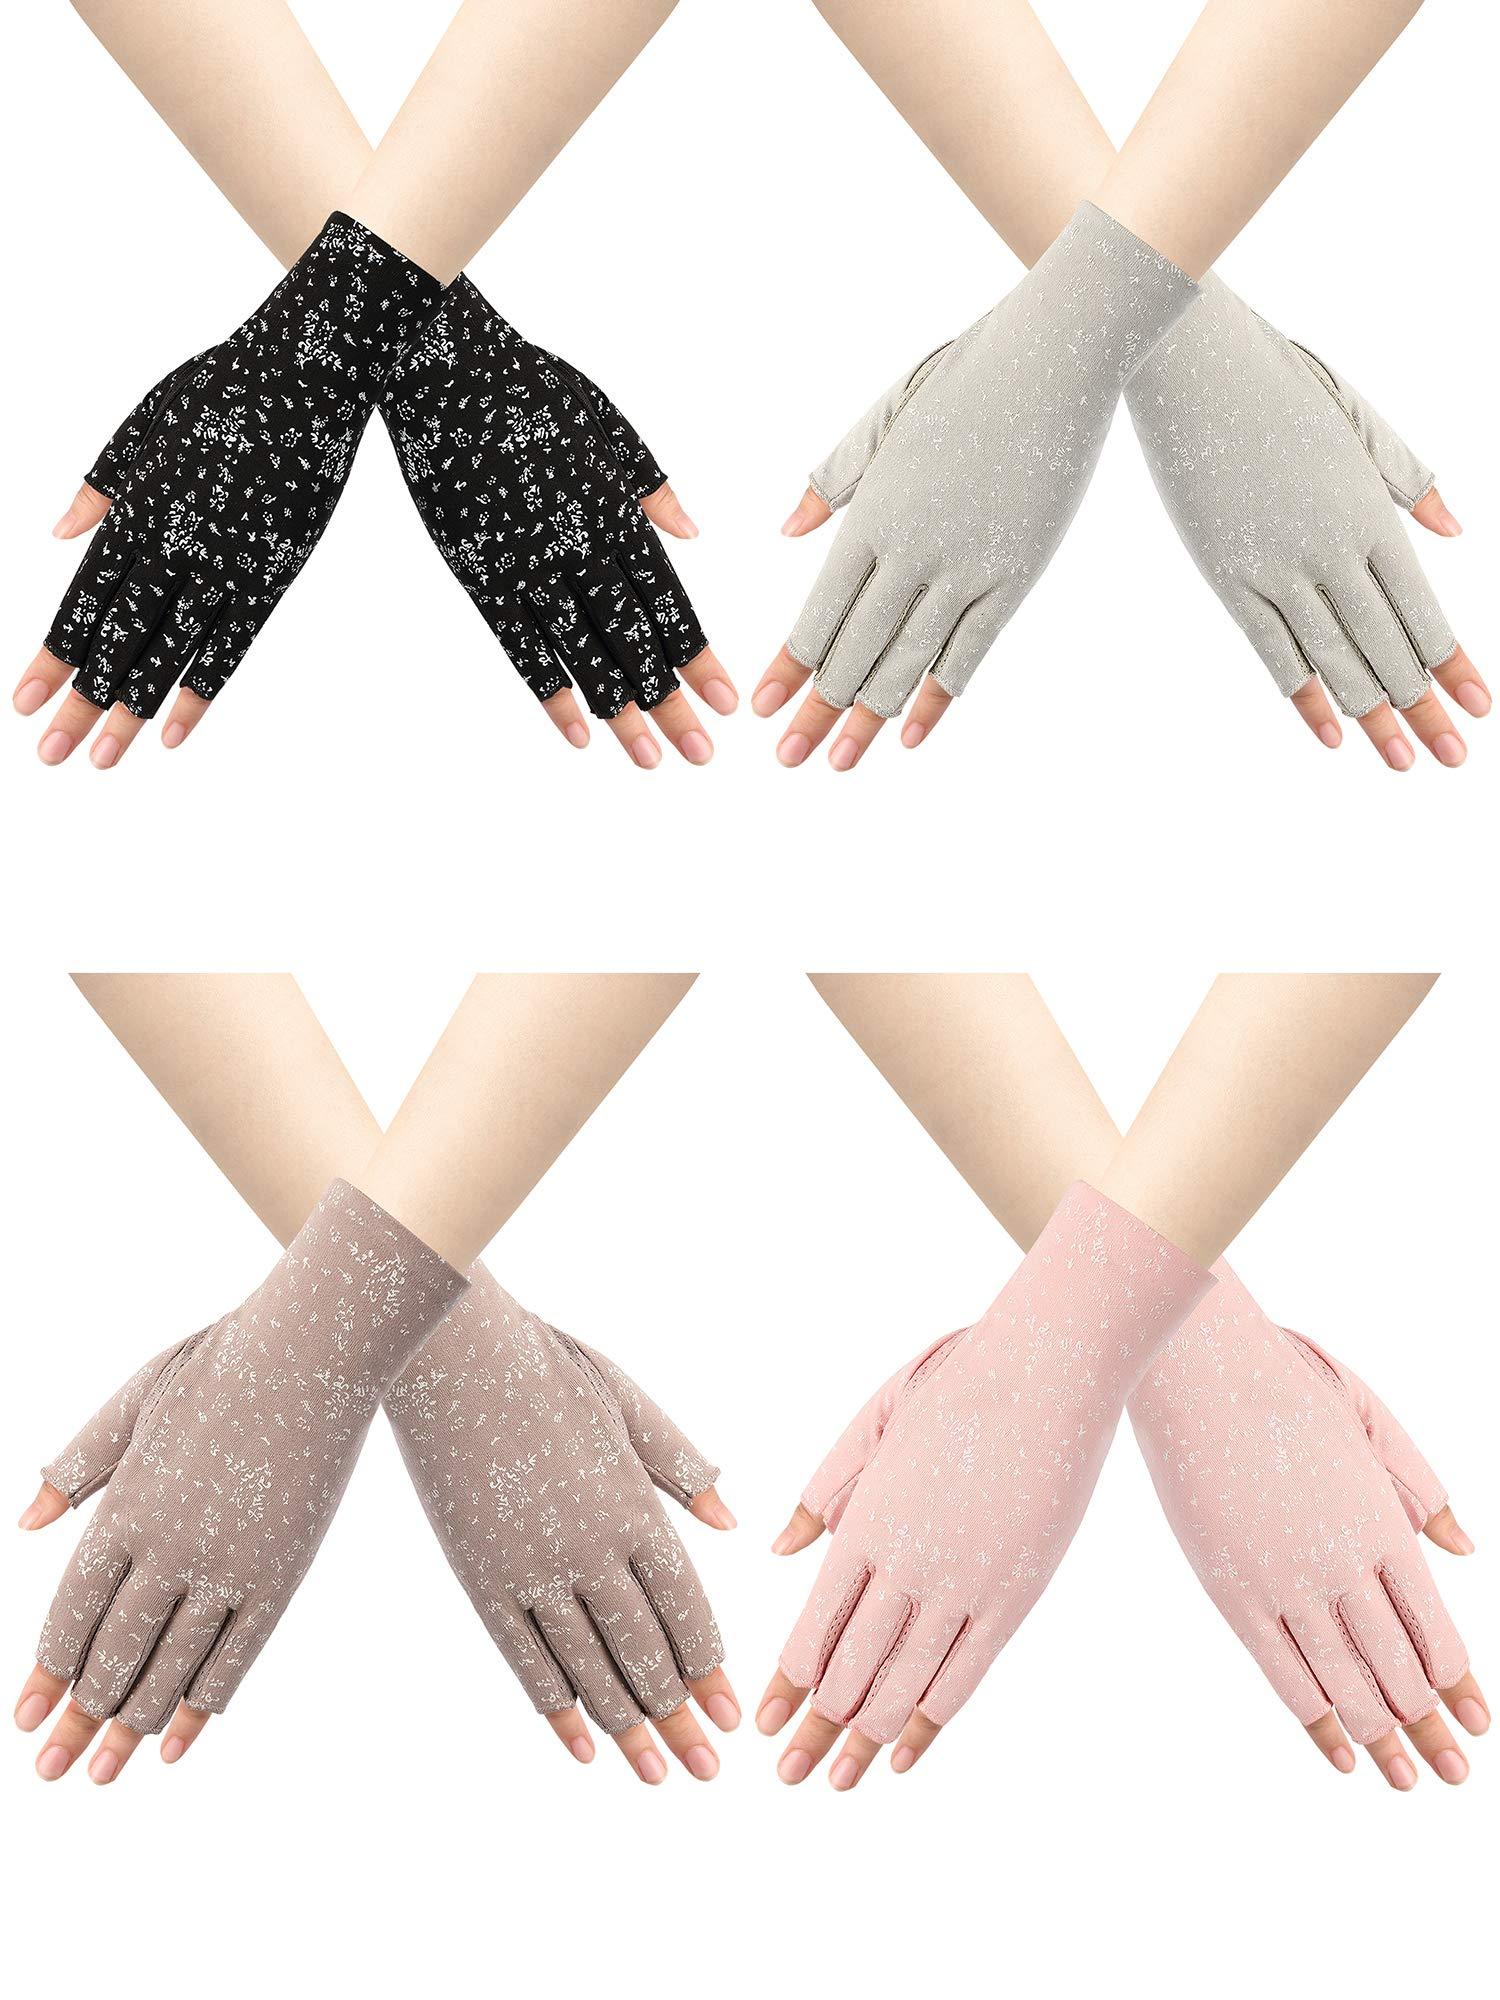 Trounistro 4 Pairs Women Sunblock Fingerless Gloves Non Slip UV Sunscreen Protection Gloves Driving Gloves for Women (Color set 2)